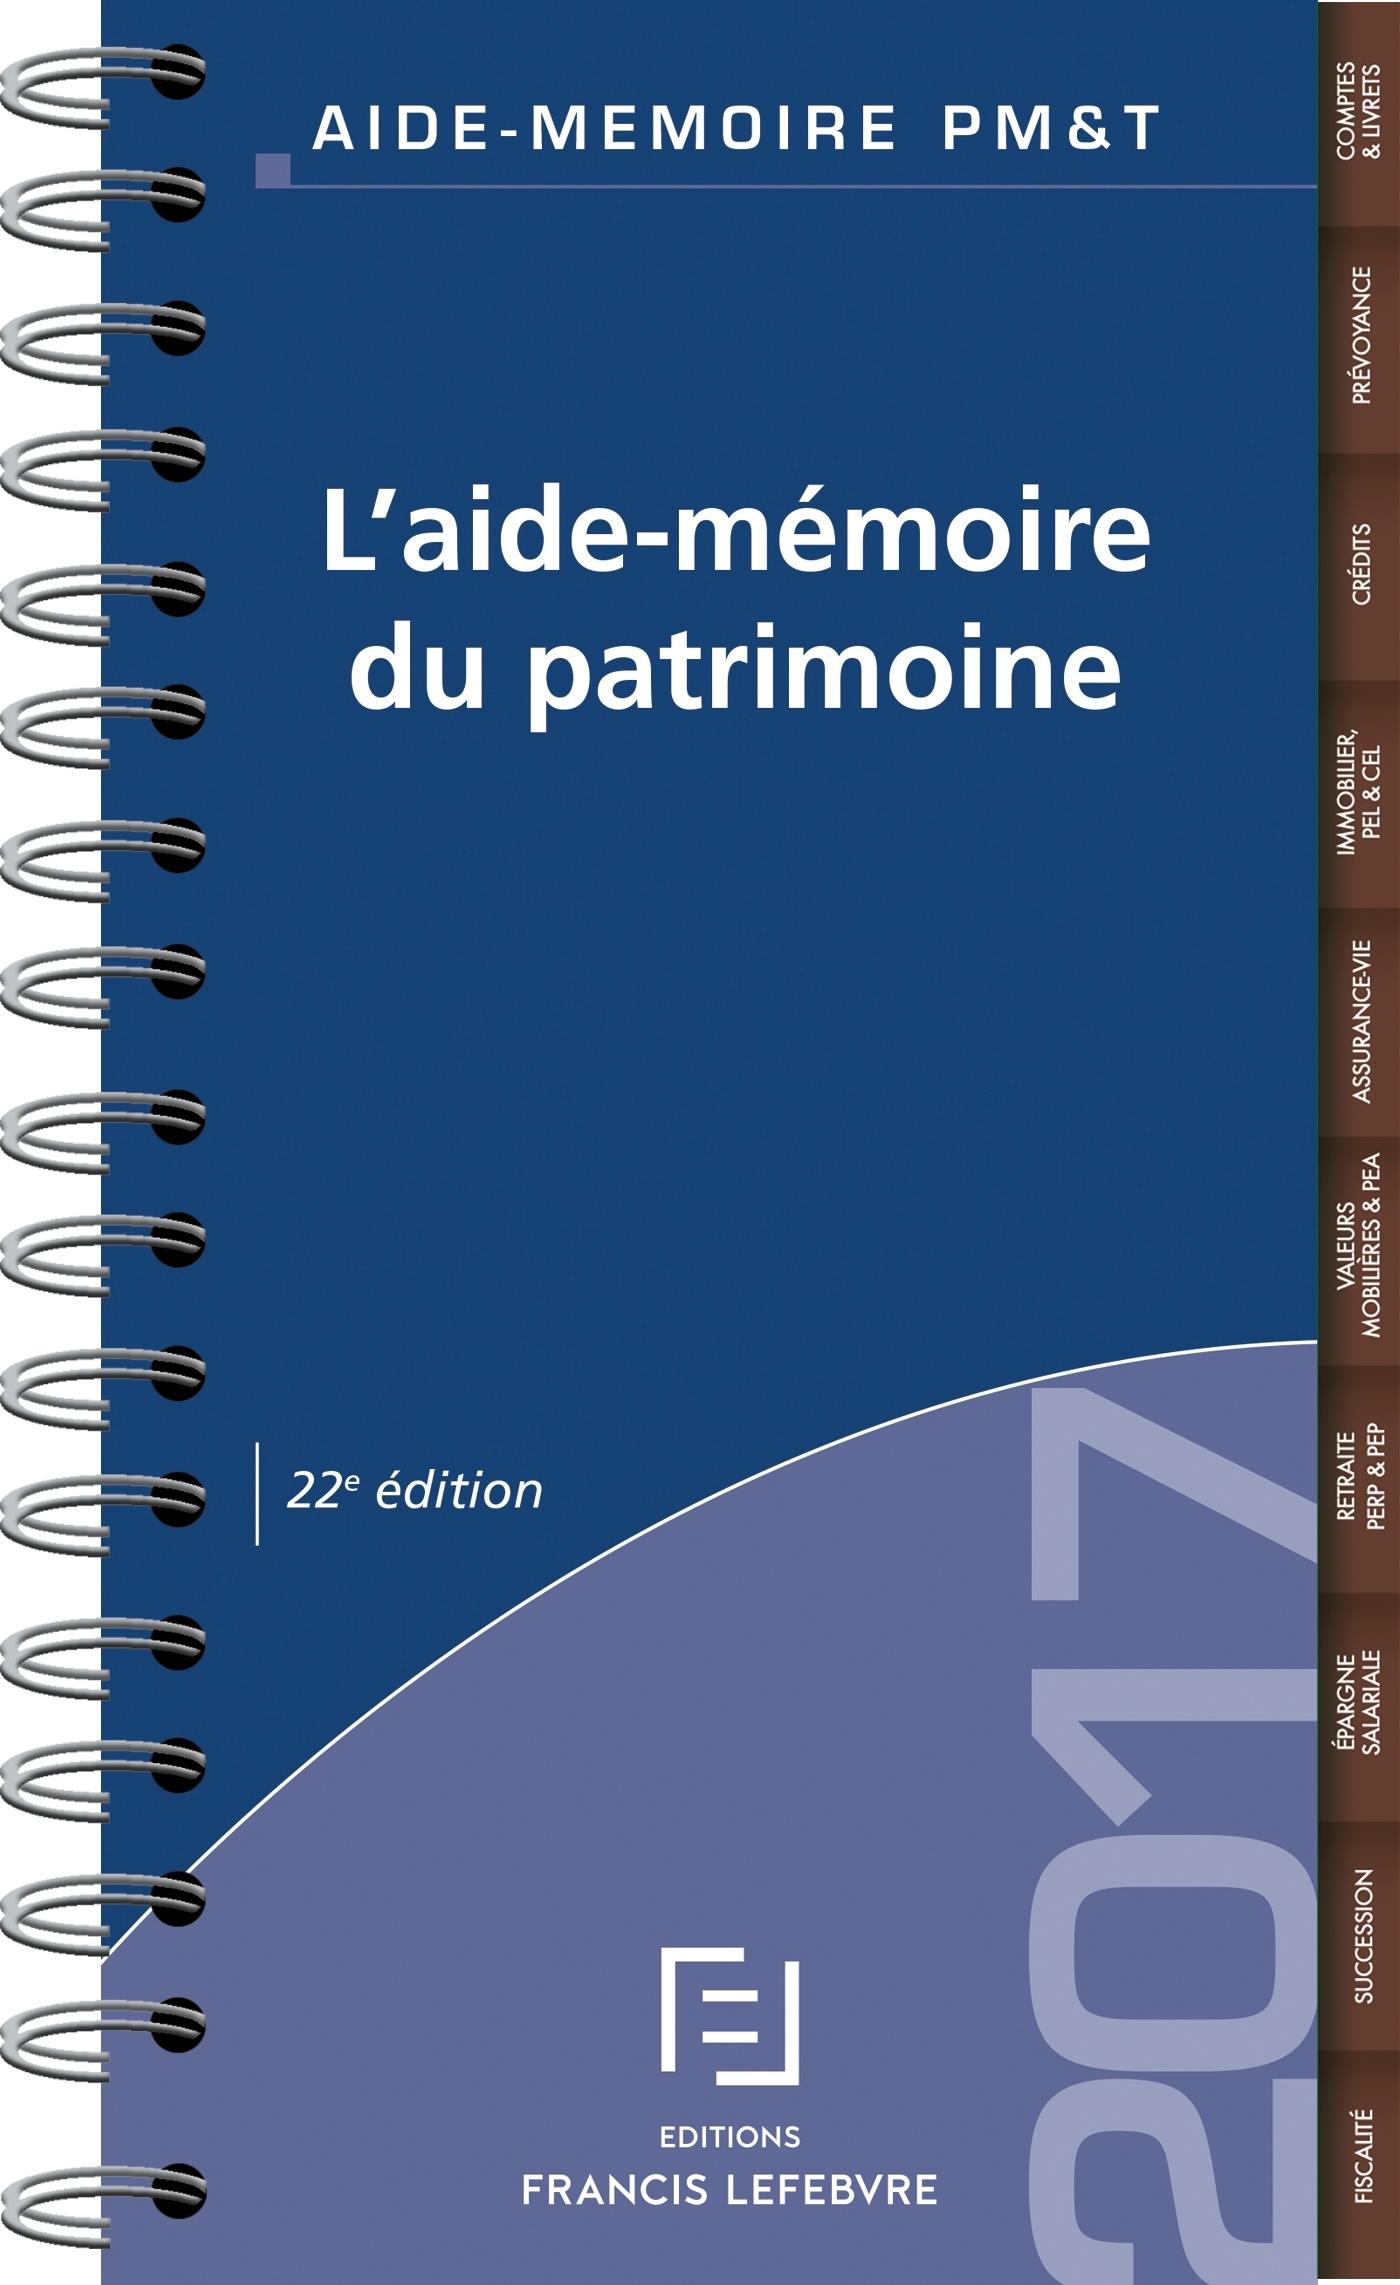 AIDE-MEMOIRE DU PATRIMOINE 2017